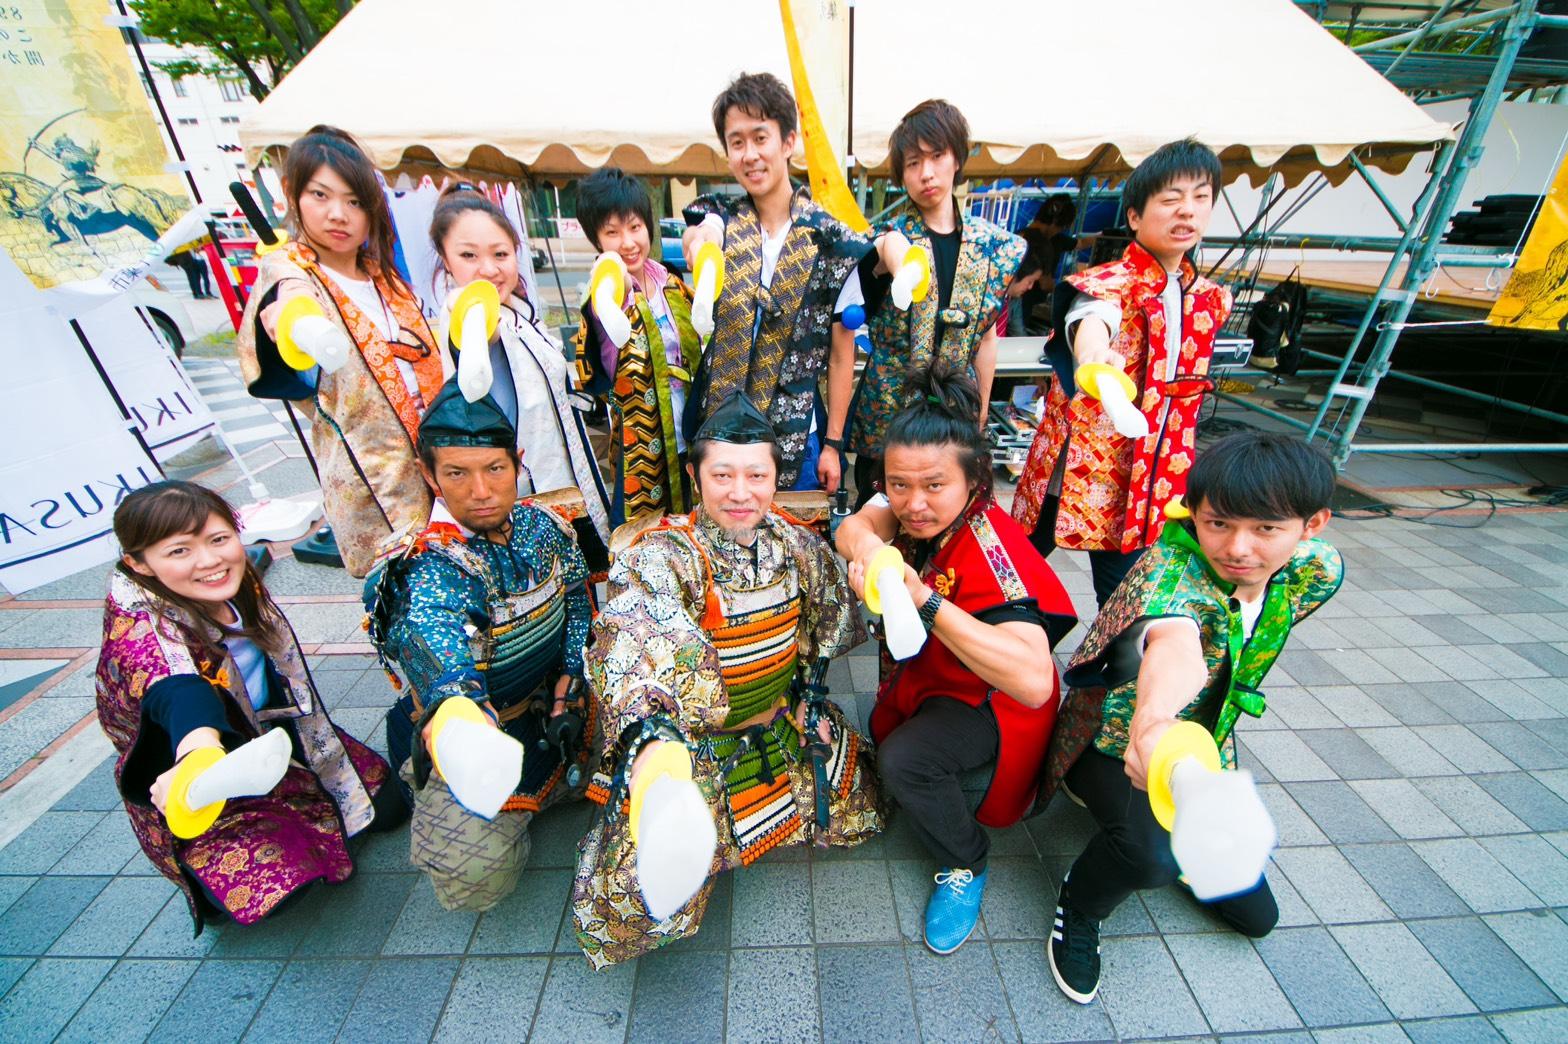 ちゅーたんのリア充日記! 東京ディズニーランドで話題のポケモンゴーを落としてみる!